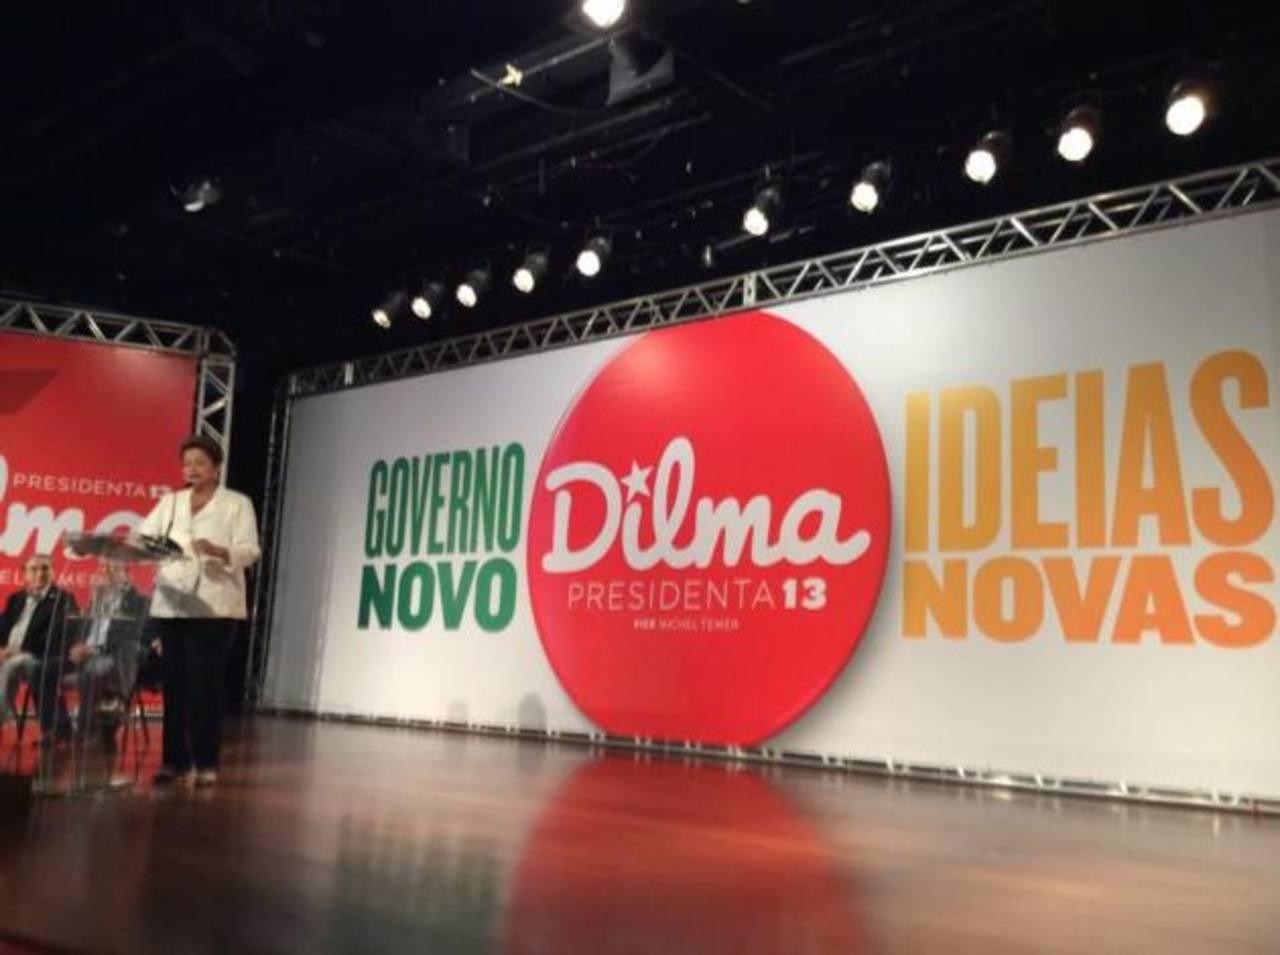 """La presidenta Rousseff, acorralada por el escándalo de corrupción, prometió en la campaña para su segundo mandato un """"Gobierno nuevo"""" con """"Nuevas ideas"""". foto edh / tomada de twitter.com/ptbrasil"""